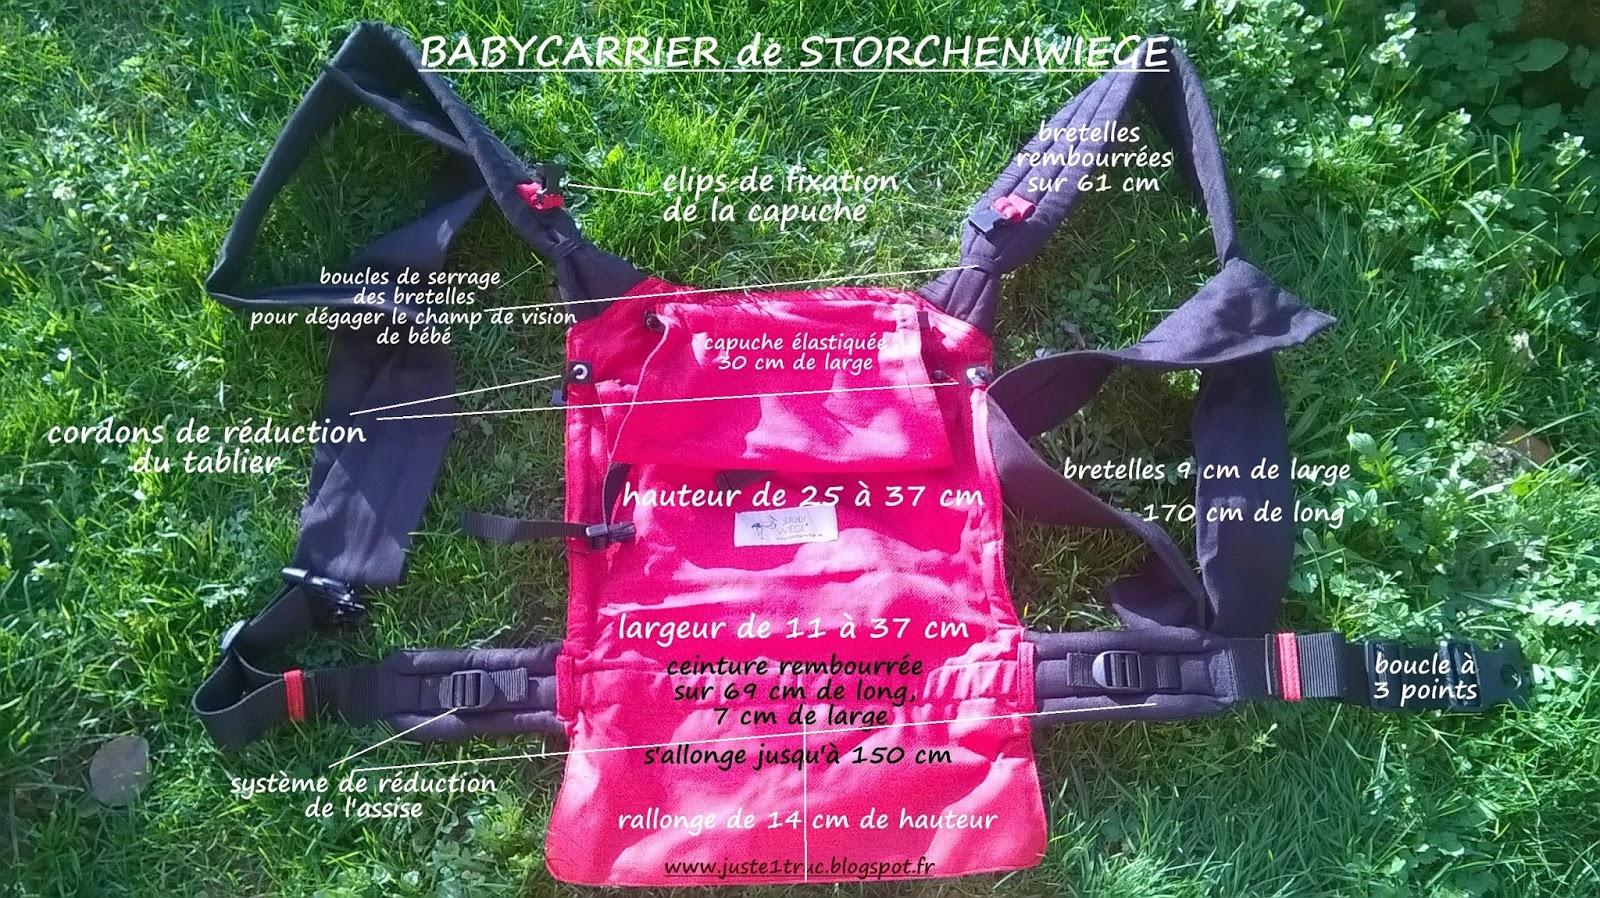 babycarrier storchenwiege porte-bébé meitai mei-tai portage bébé porter  test dimensions hybride clip 4be0478089c